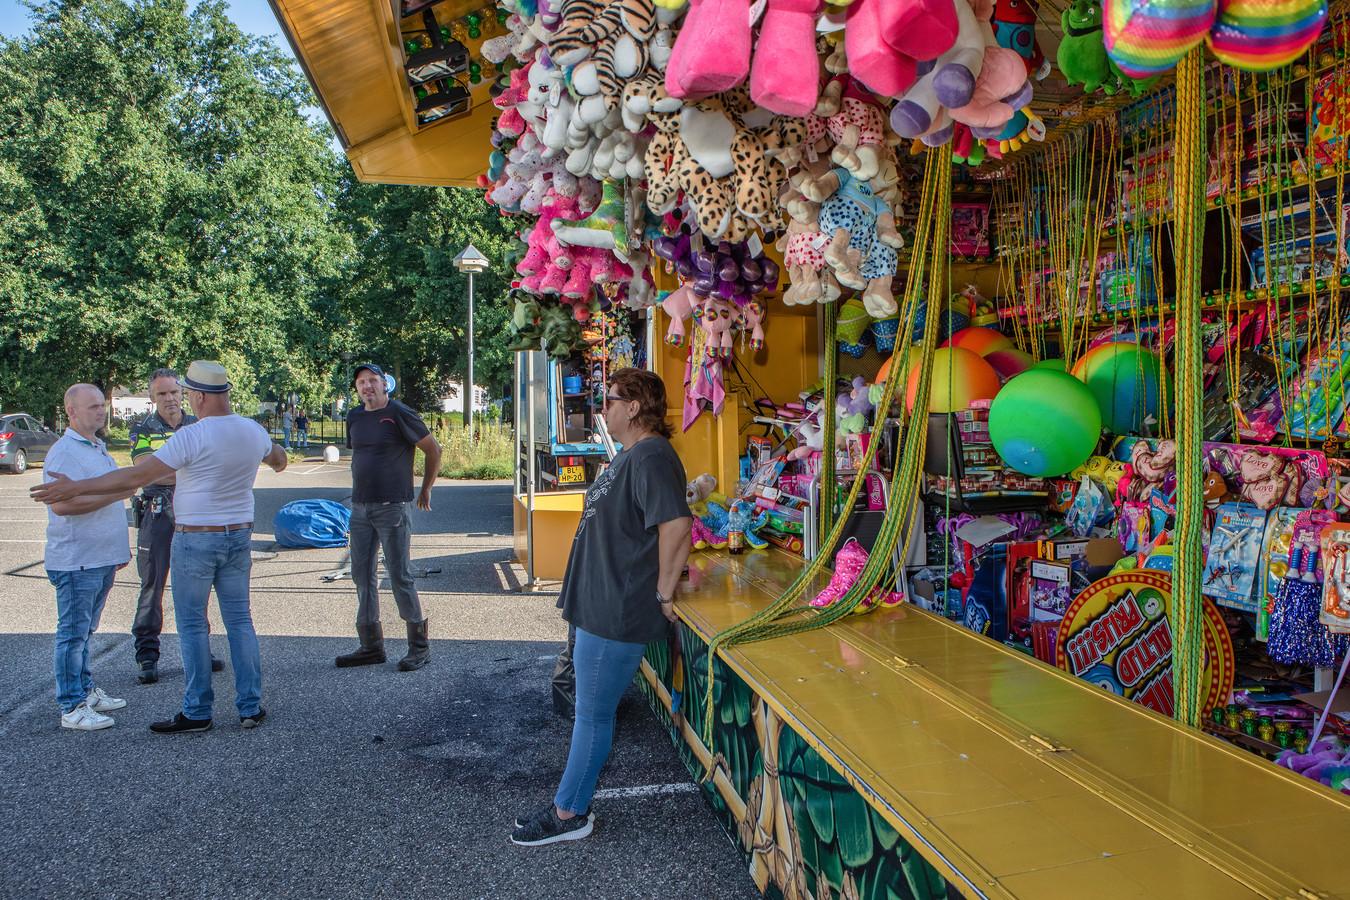 Een aantal kermisexploitanten kwam vorig jaar augustus onaangekondigd met hun wagens naar het Slotjesveld in Oosterhout om daar een gratis kermis te houden uit protest tegen het huidige coronabeleid.